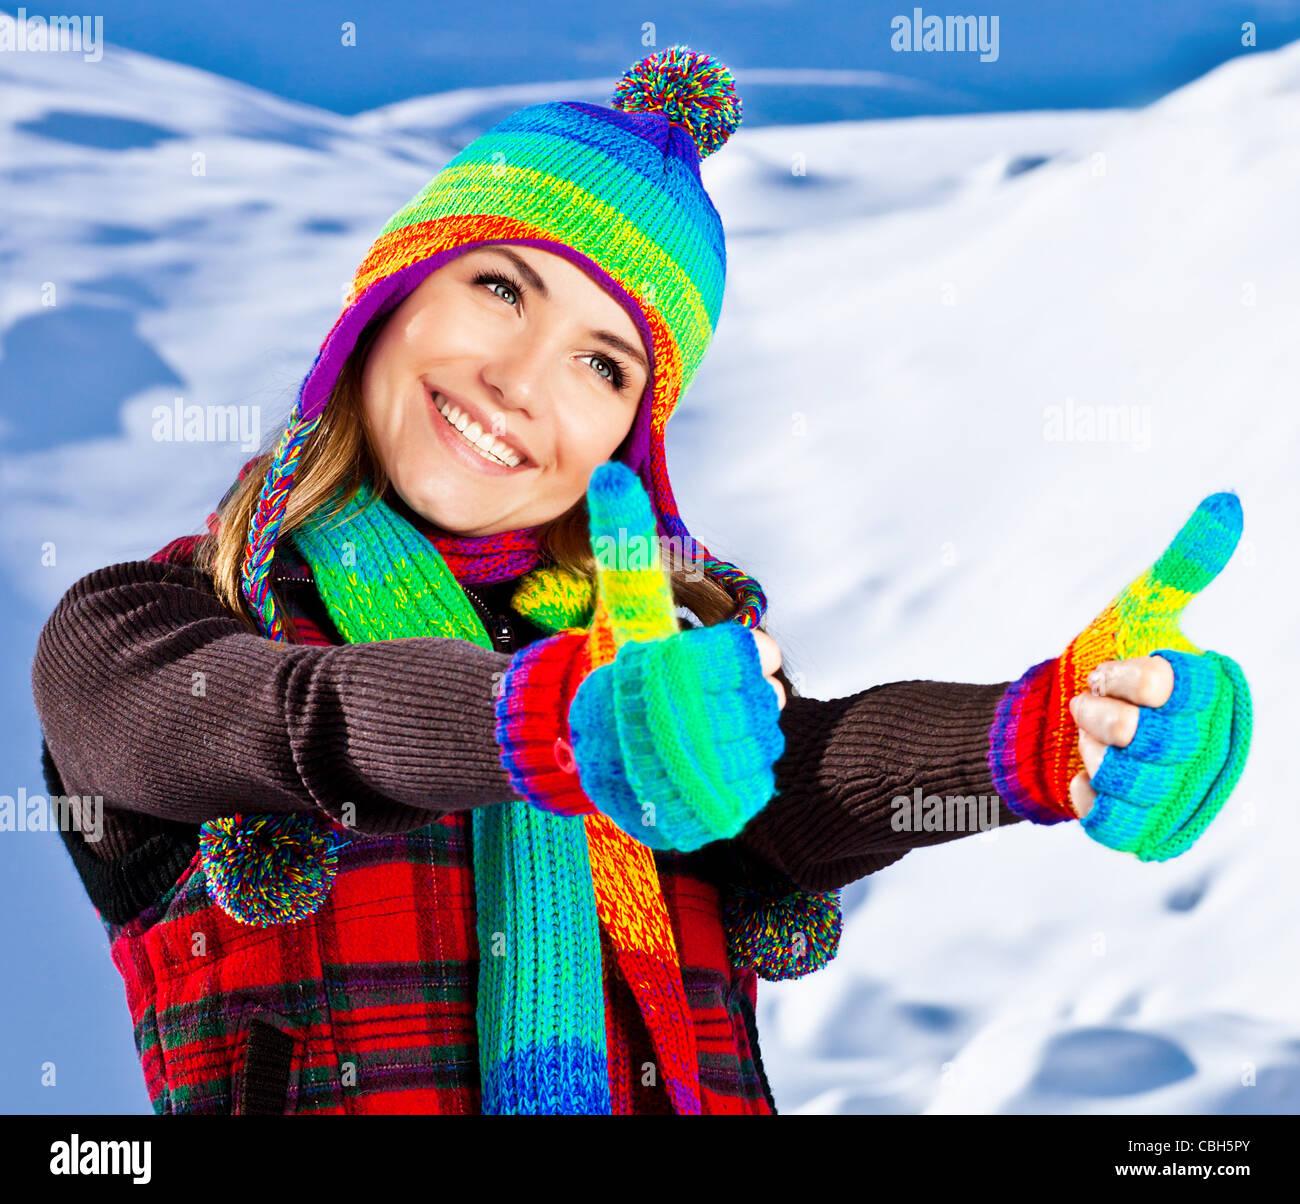 111e13221125 Colorato pollice su di una felice sorridente ragazza di indossare abbigliamento  invernale, bellissimo volto femminile Ritratto, giovane donna graziosa